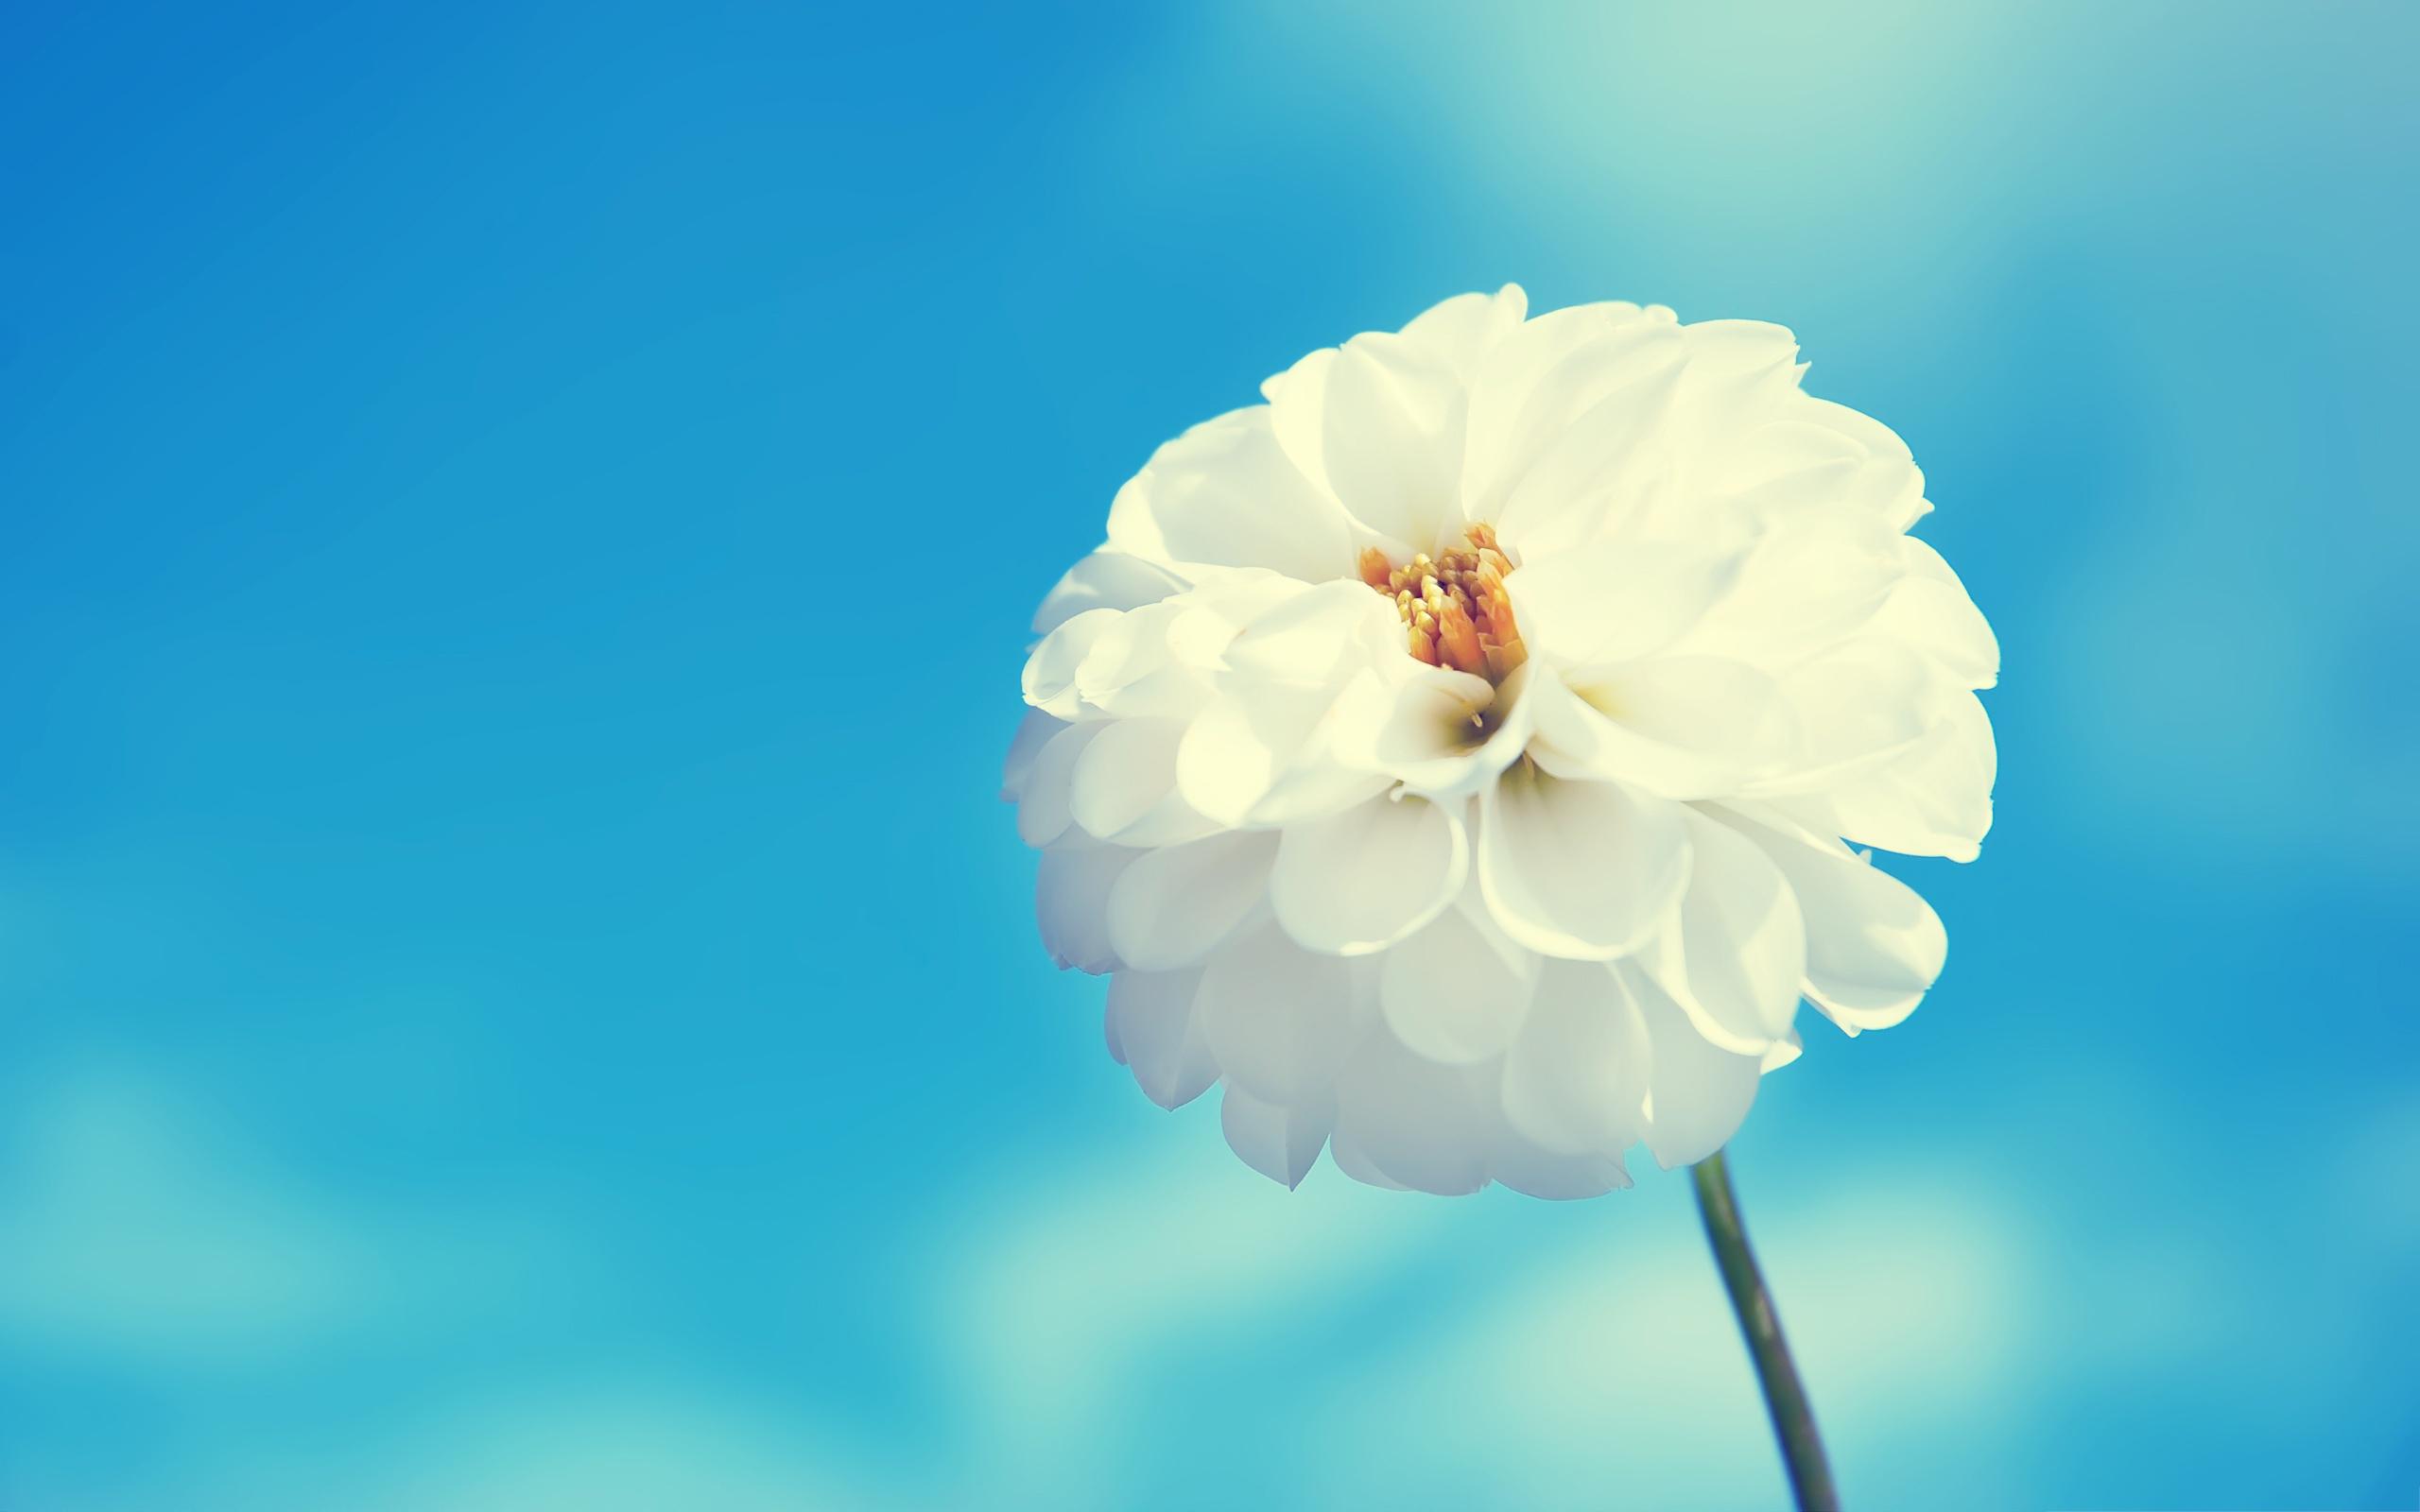 بالصور صور زهور اجمل صور زهور زهور جميلة , خلفيات رومانسية للورود حلوة 3774 7